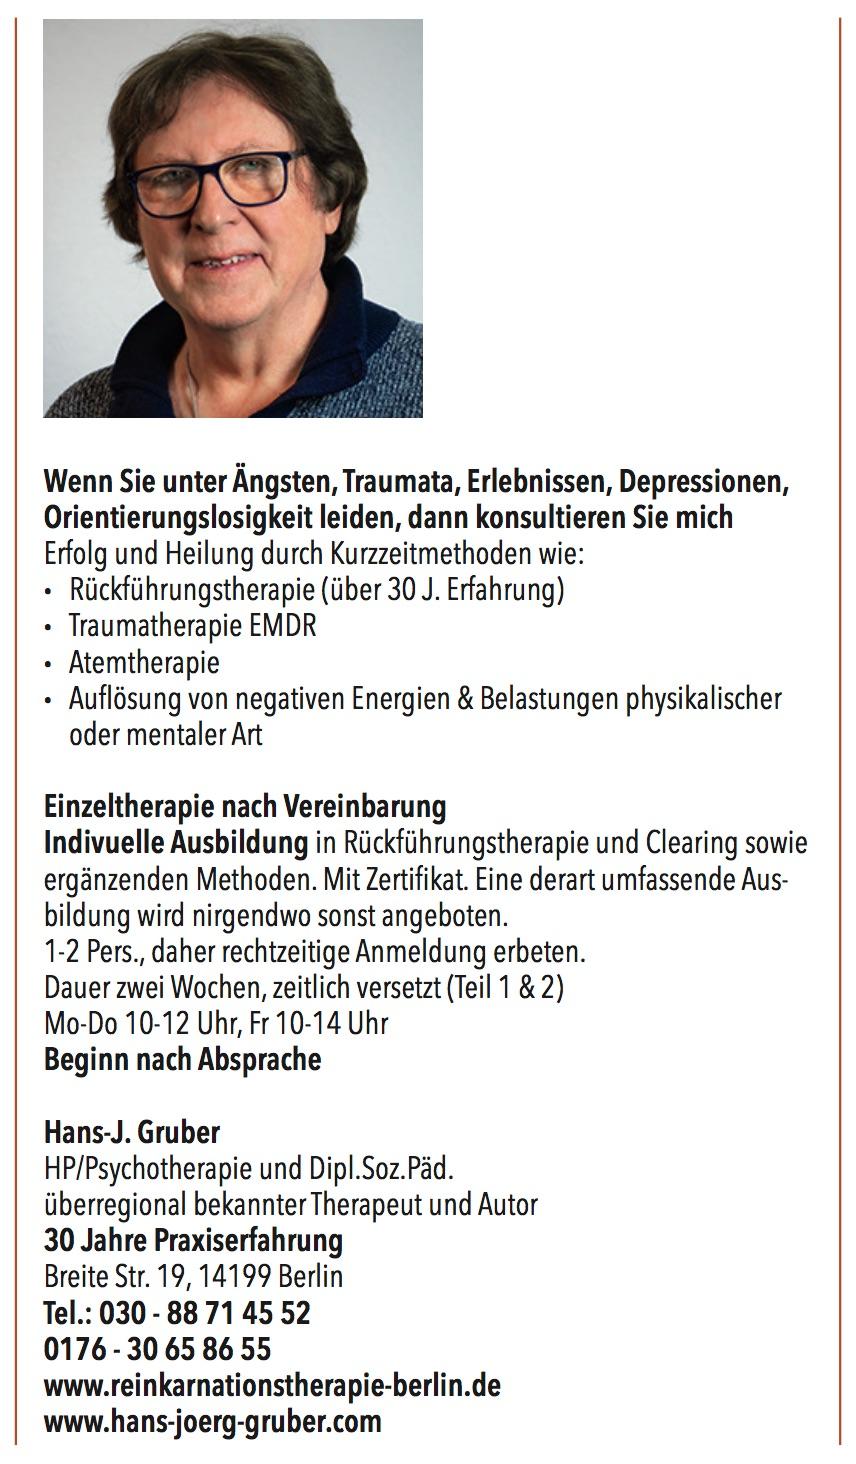 Reinkarnationstherapie, Traumatherapie, Hans-J. Gruber